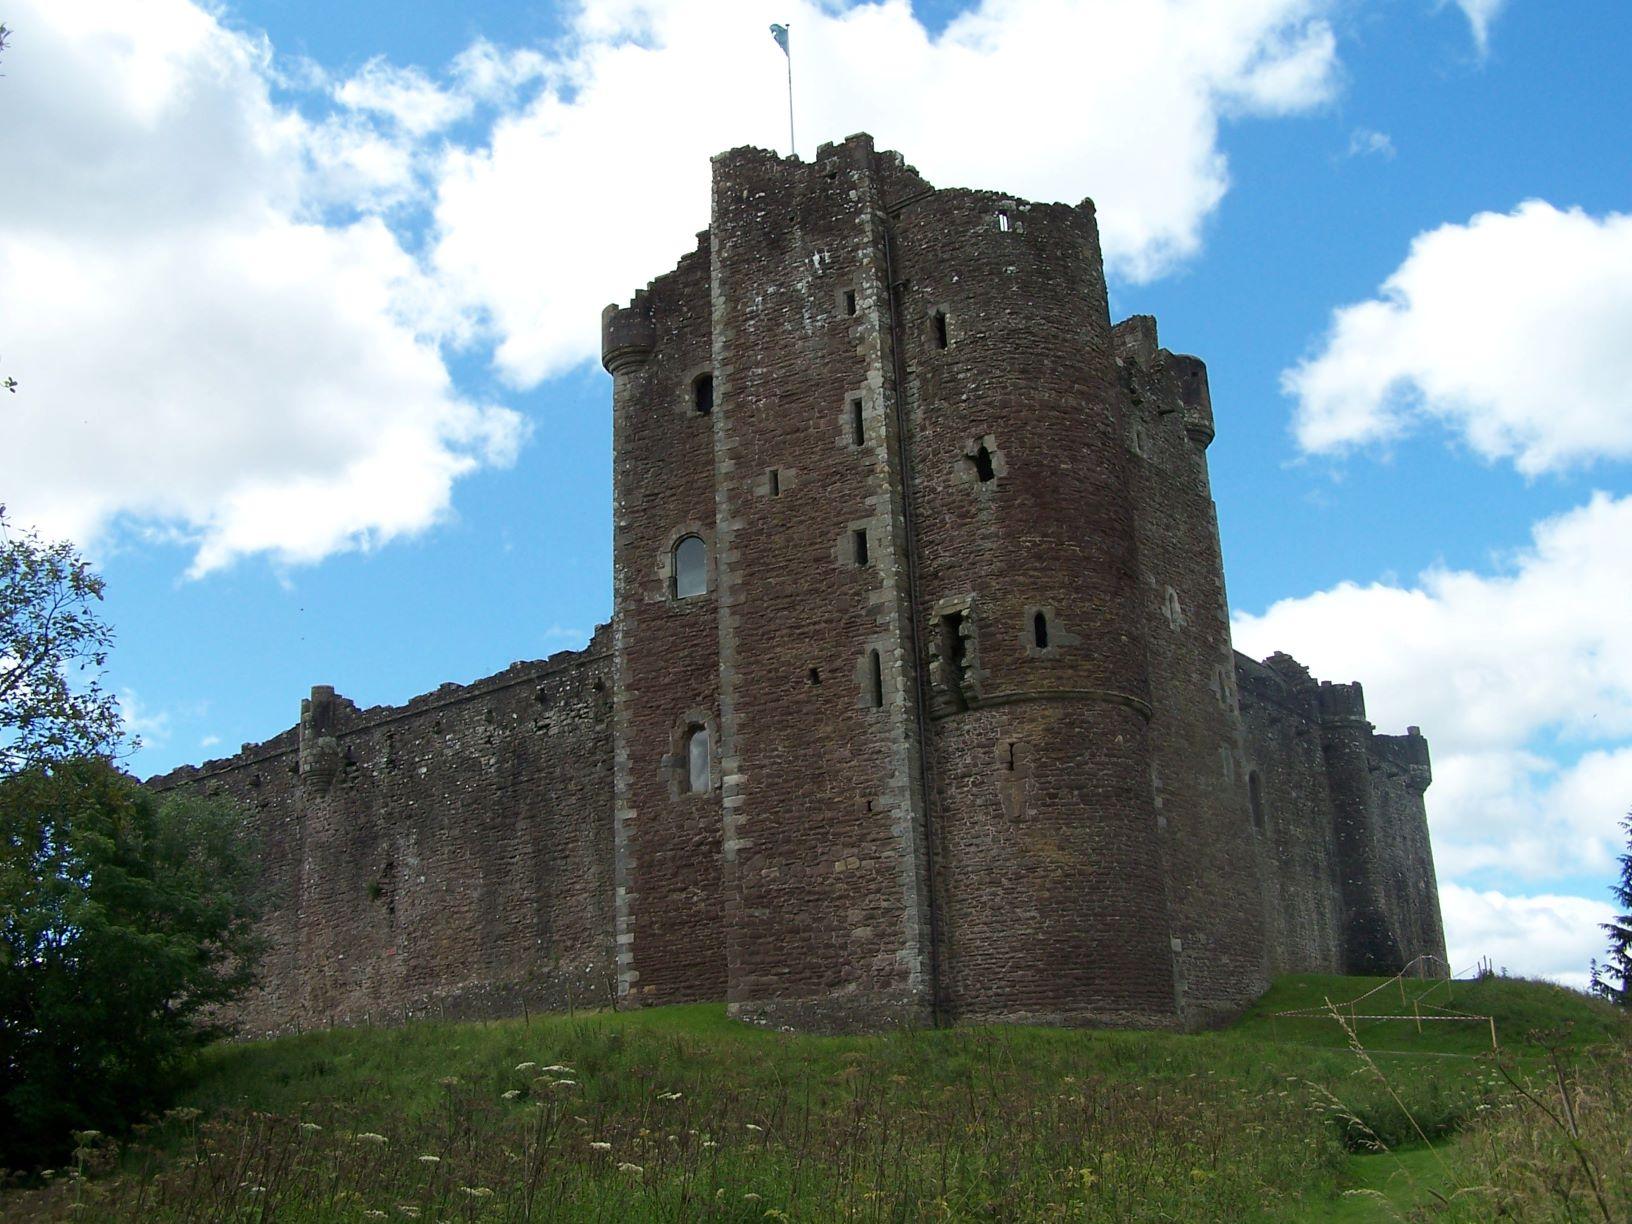 cyle tour to doune castle